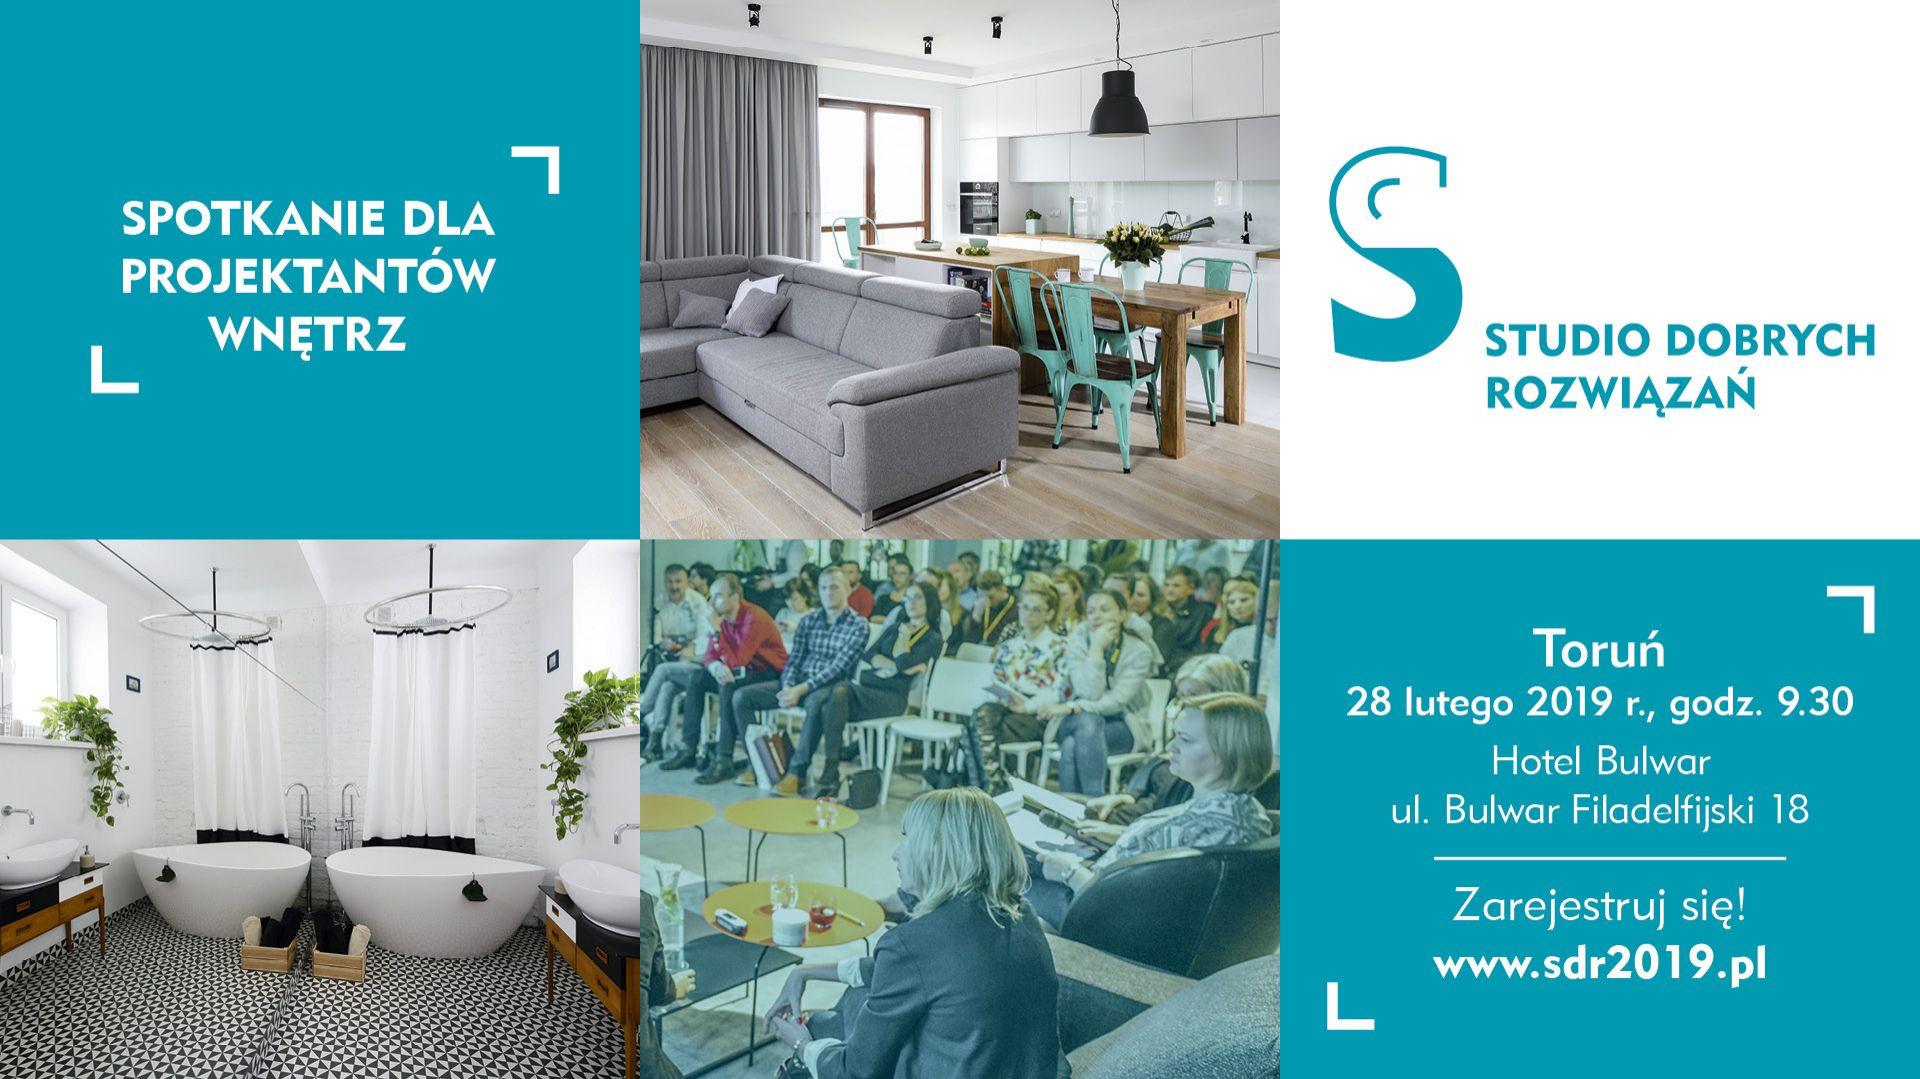 Studio Dobrych Rozwiązań w Toruniu - 28 lutego 2019 r.